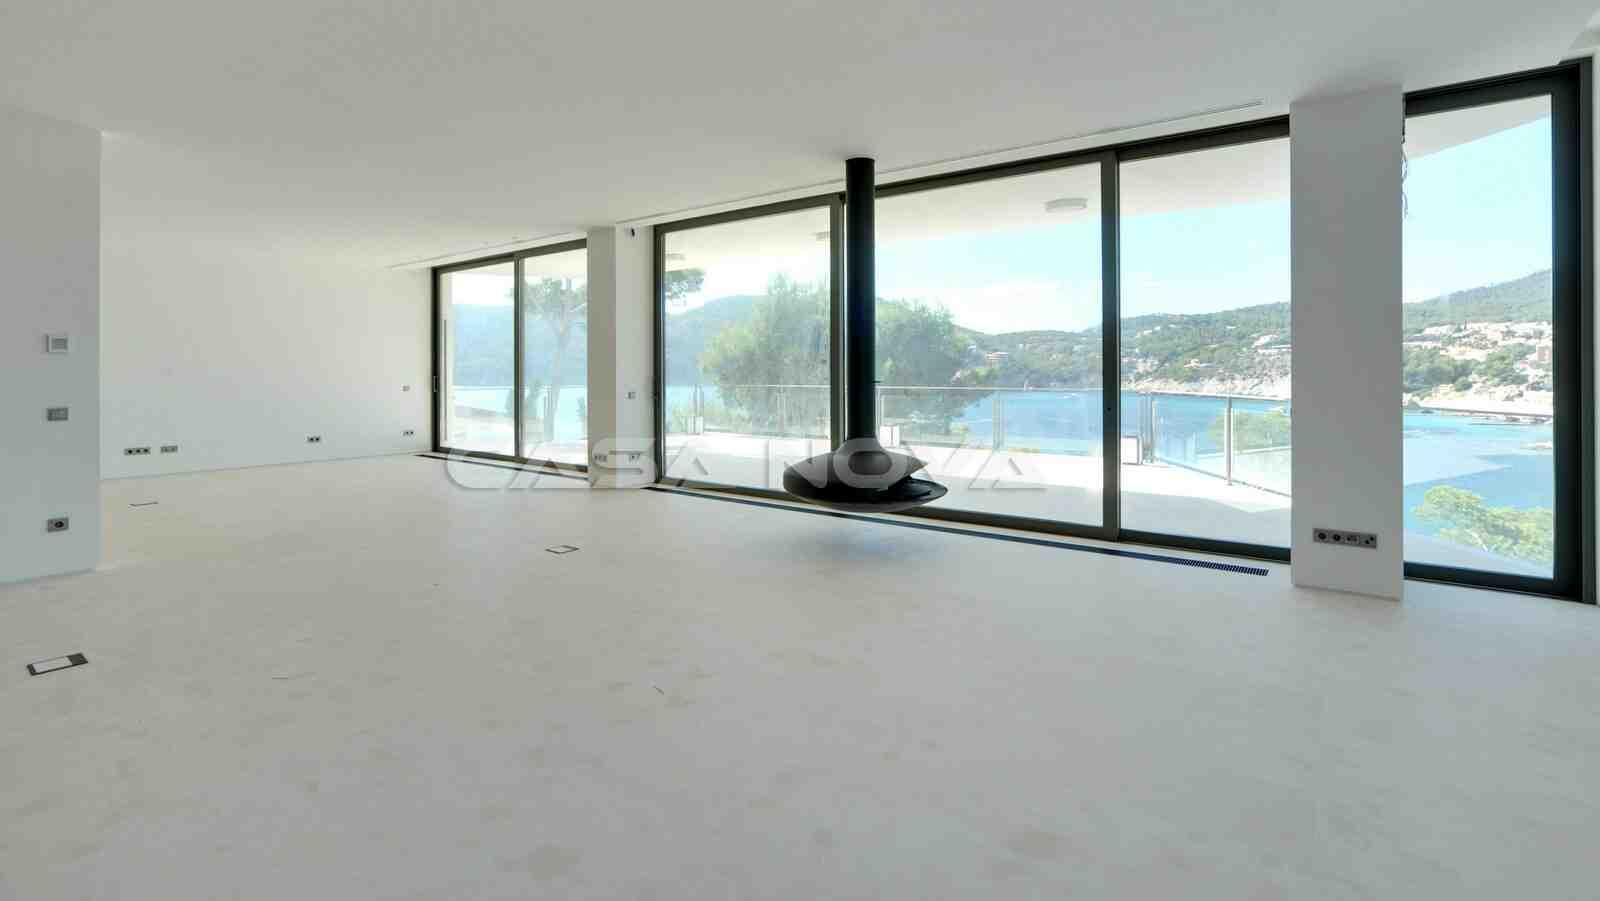 Großzügiger Wohnbereich mit großen Fensterelementen